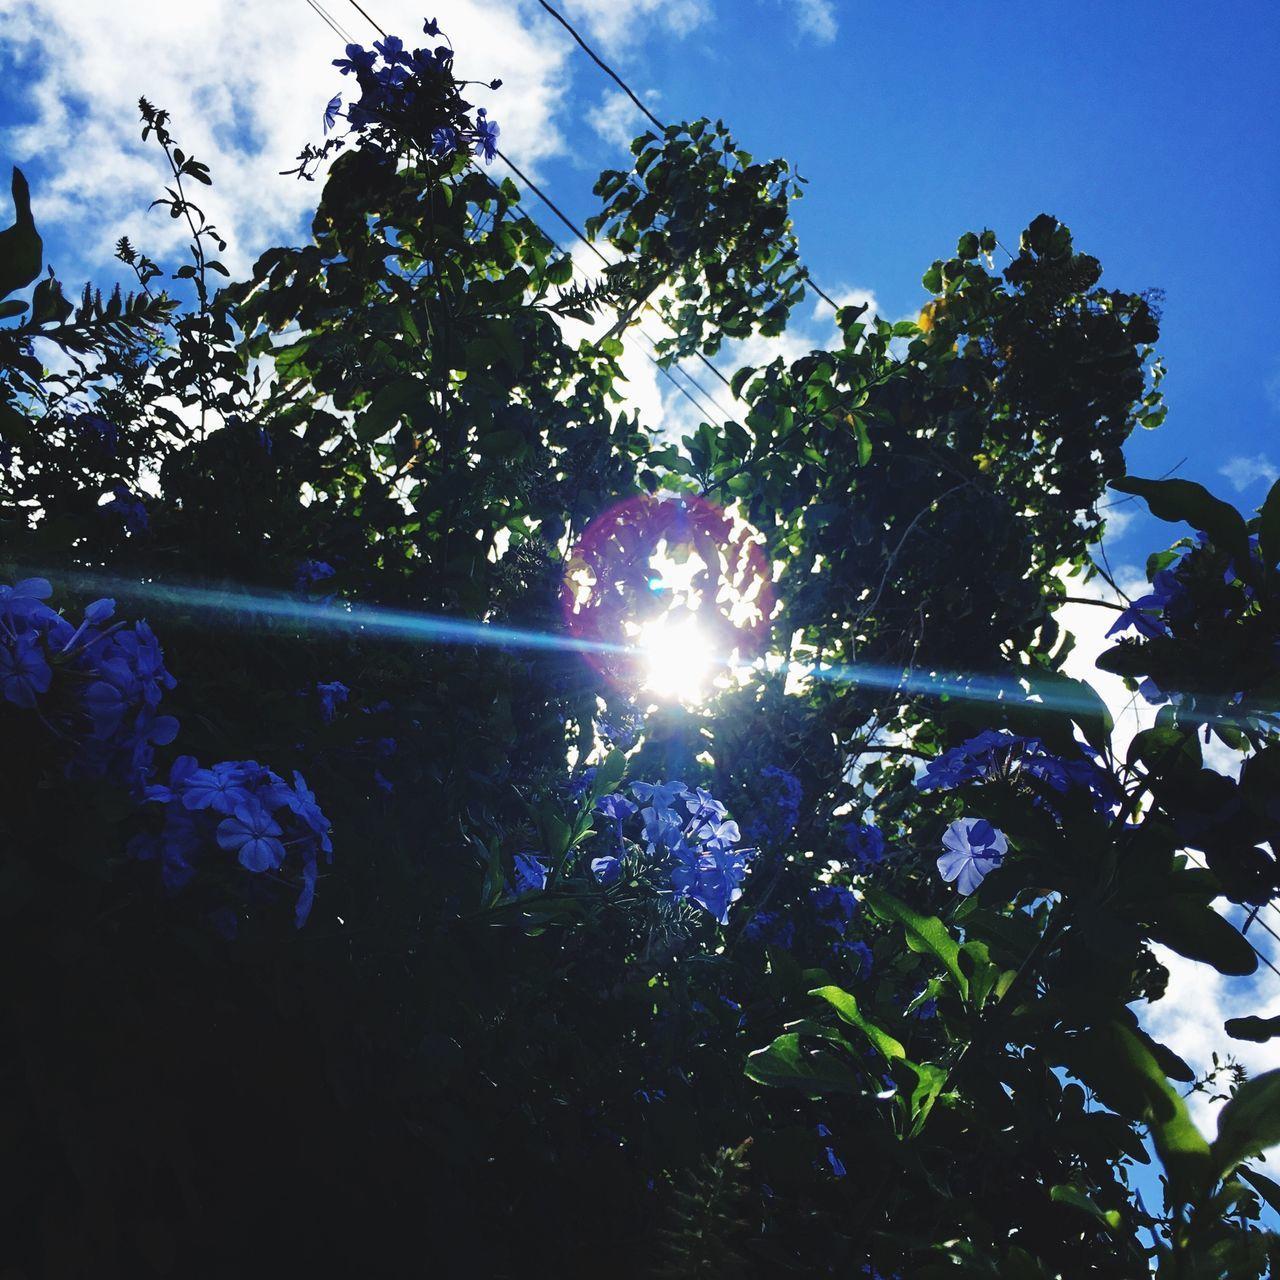 Blue sky's blue flowers Menehunie Road Kauai Kiiroad Kauai♡